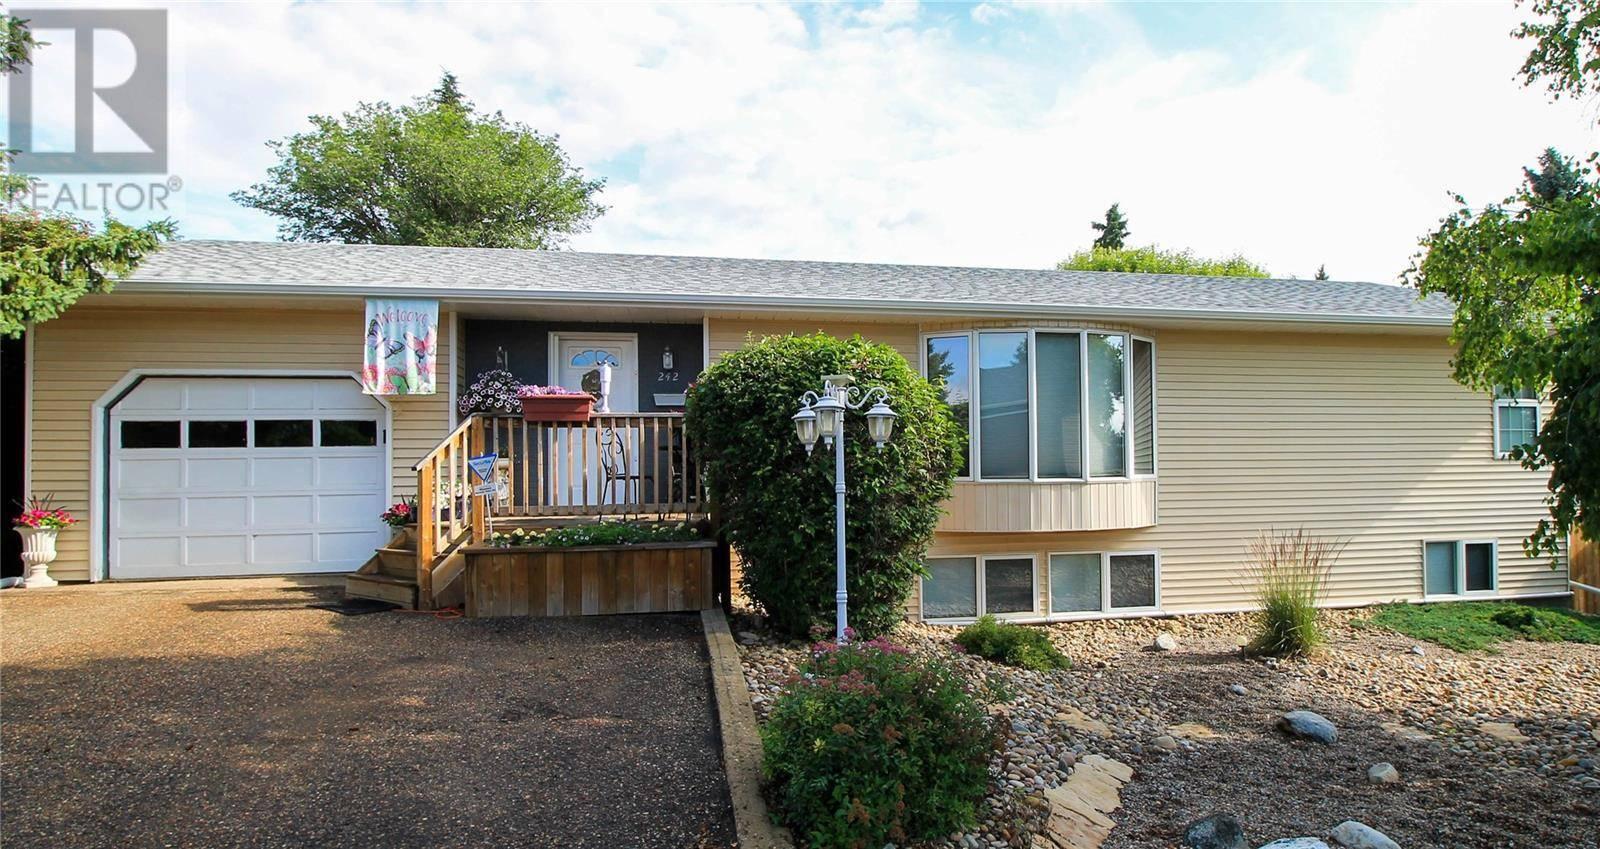 House for sale at 242 32nd St Battleford Saskatchewan - MLS: SK779806